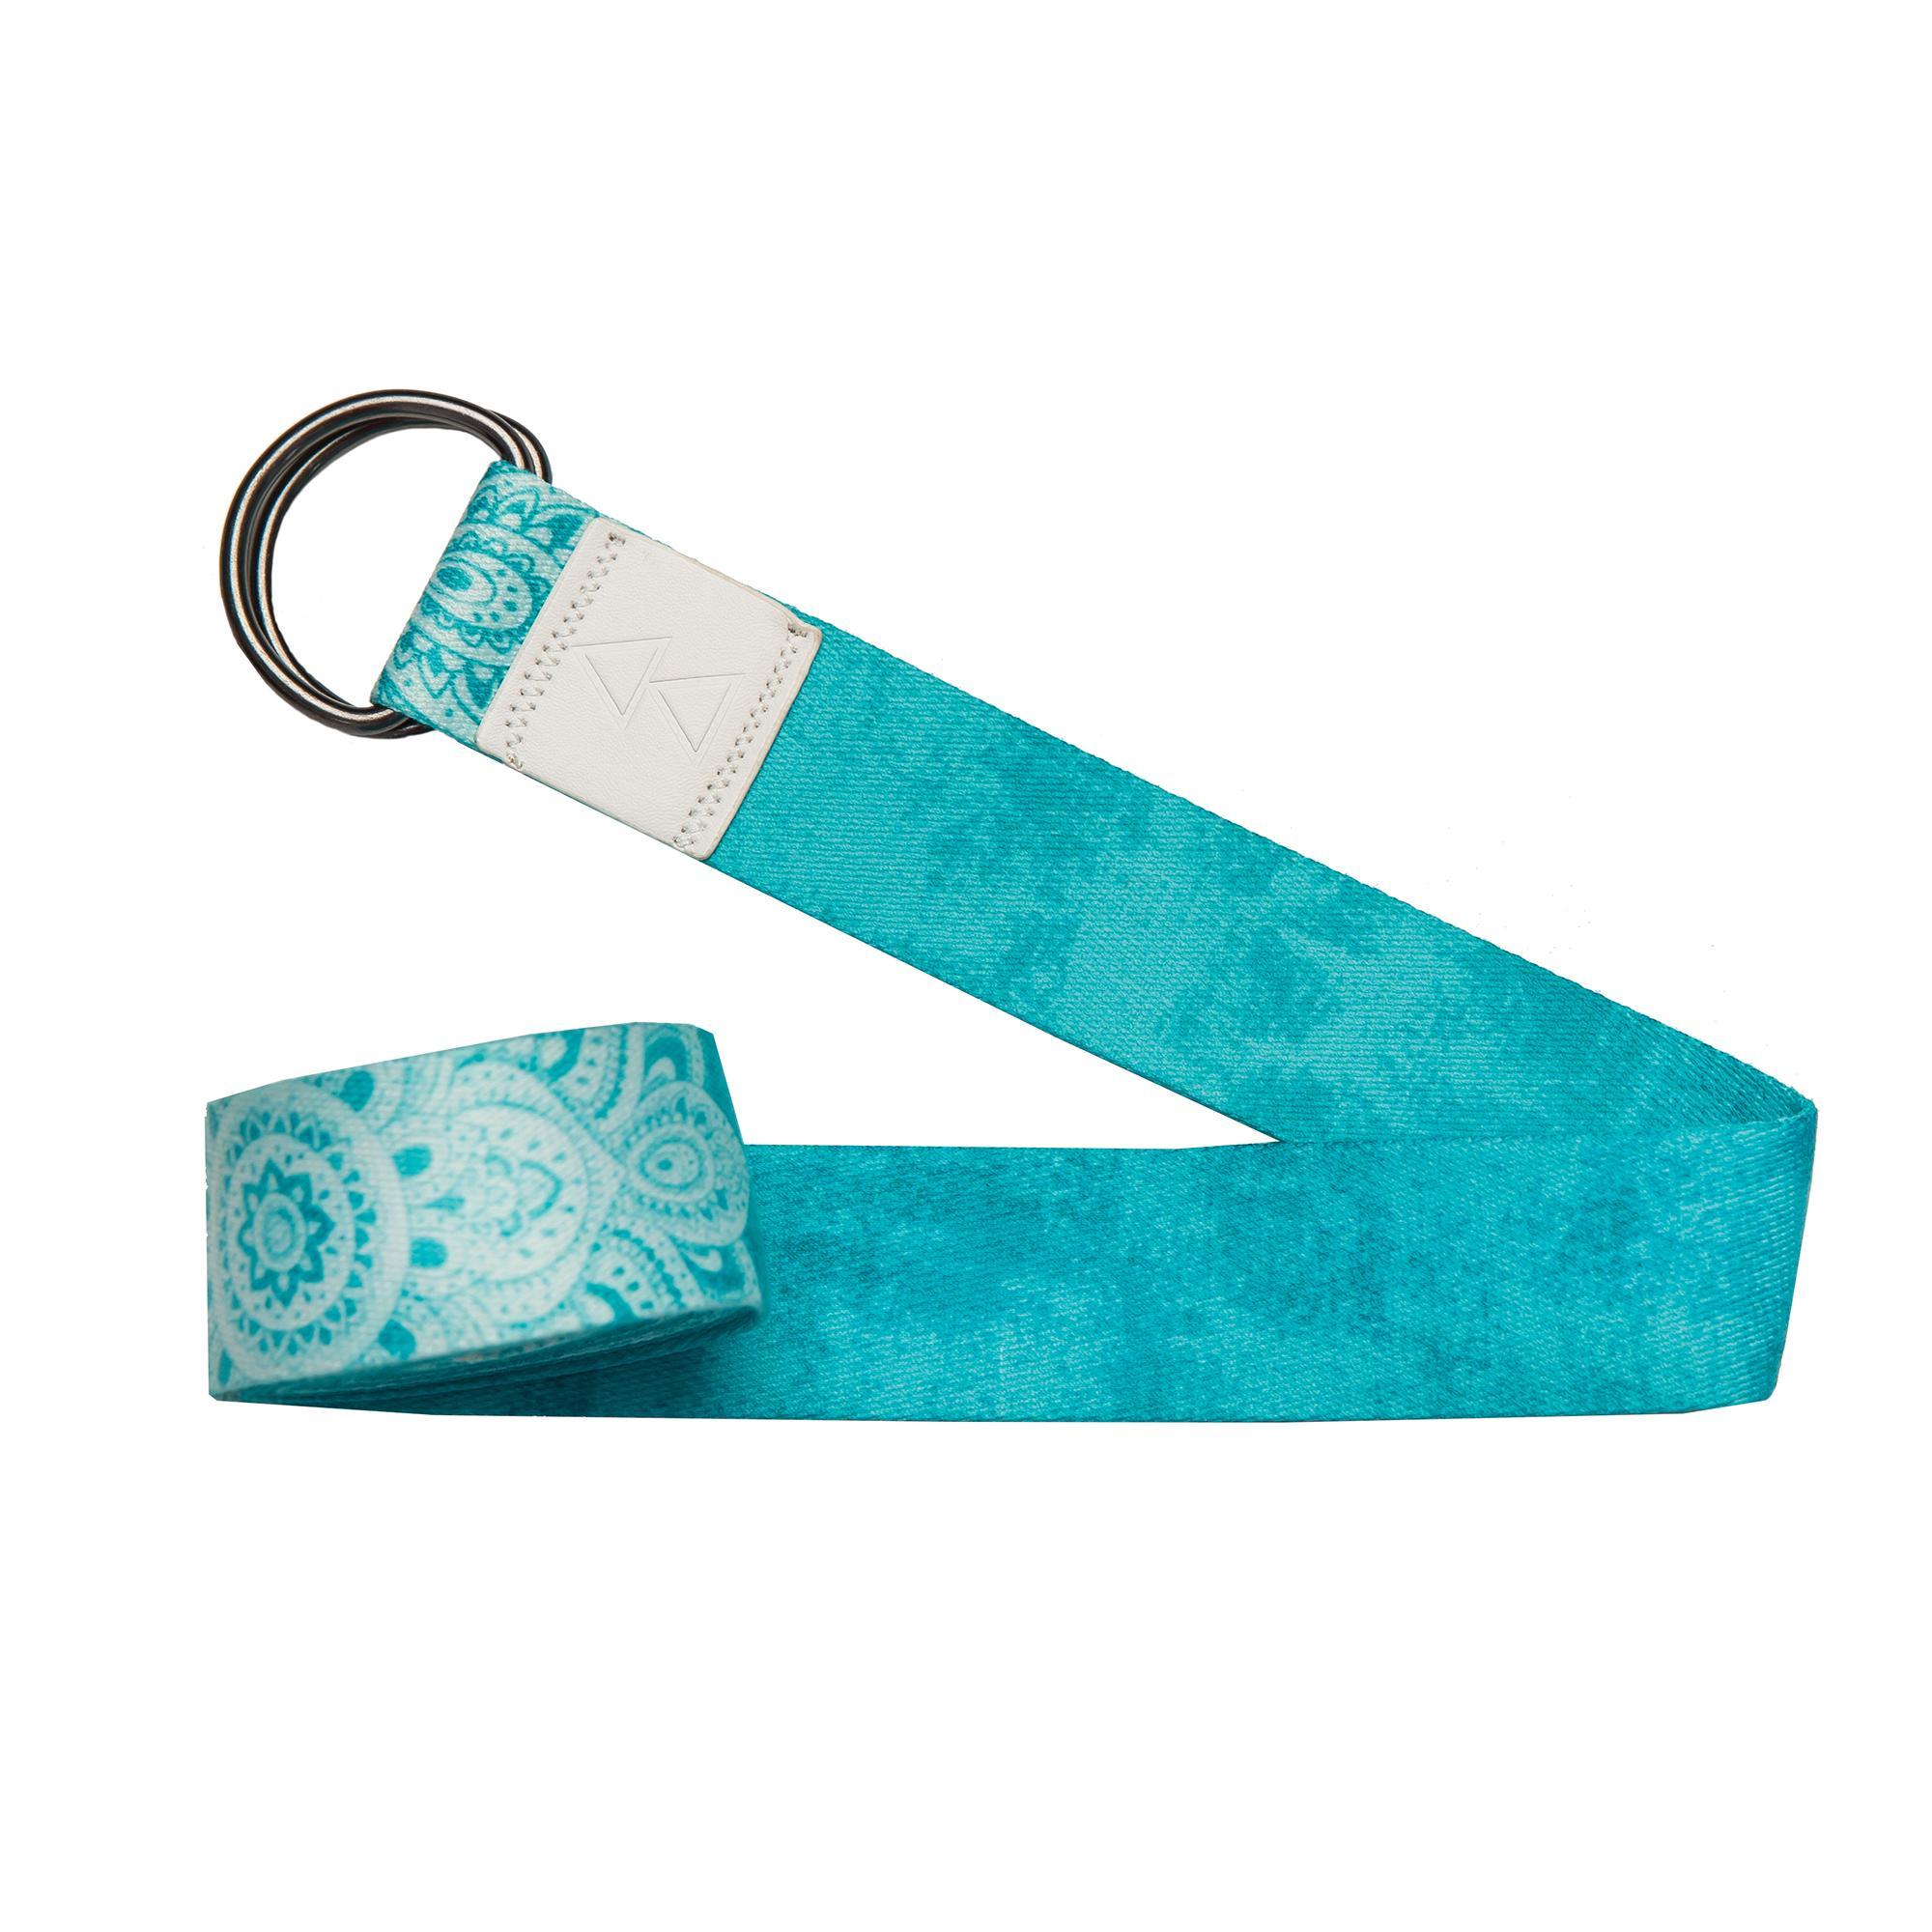 Yoga Strap - Mandala Turquoise